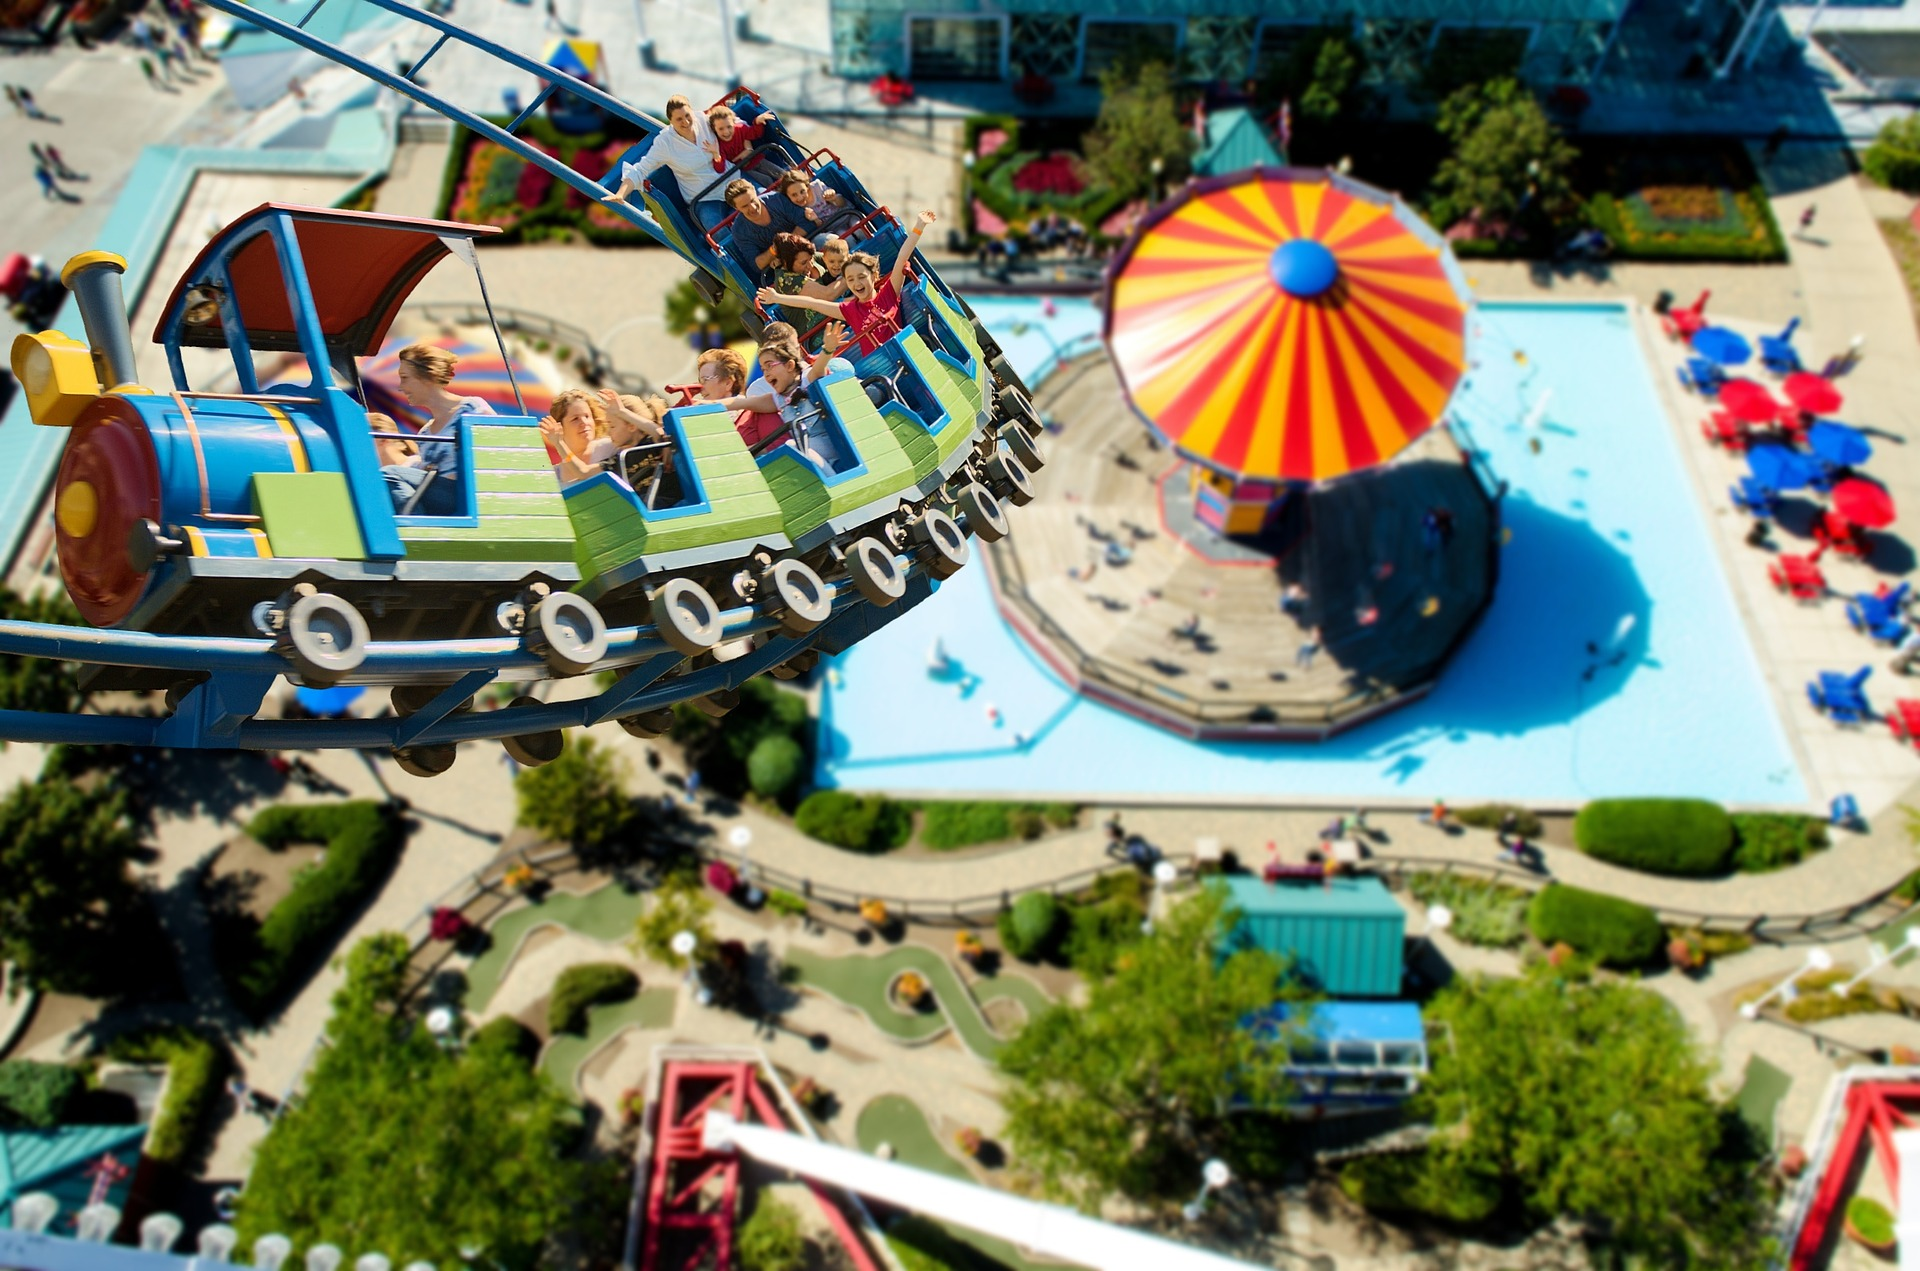 roller coaster for kids